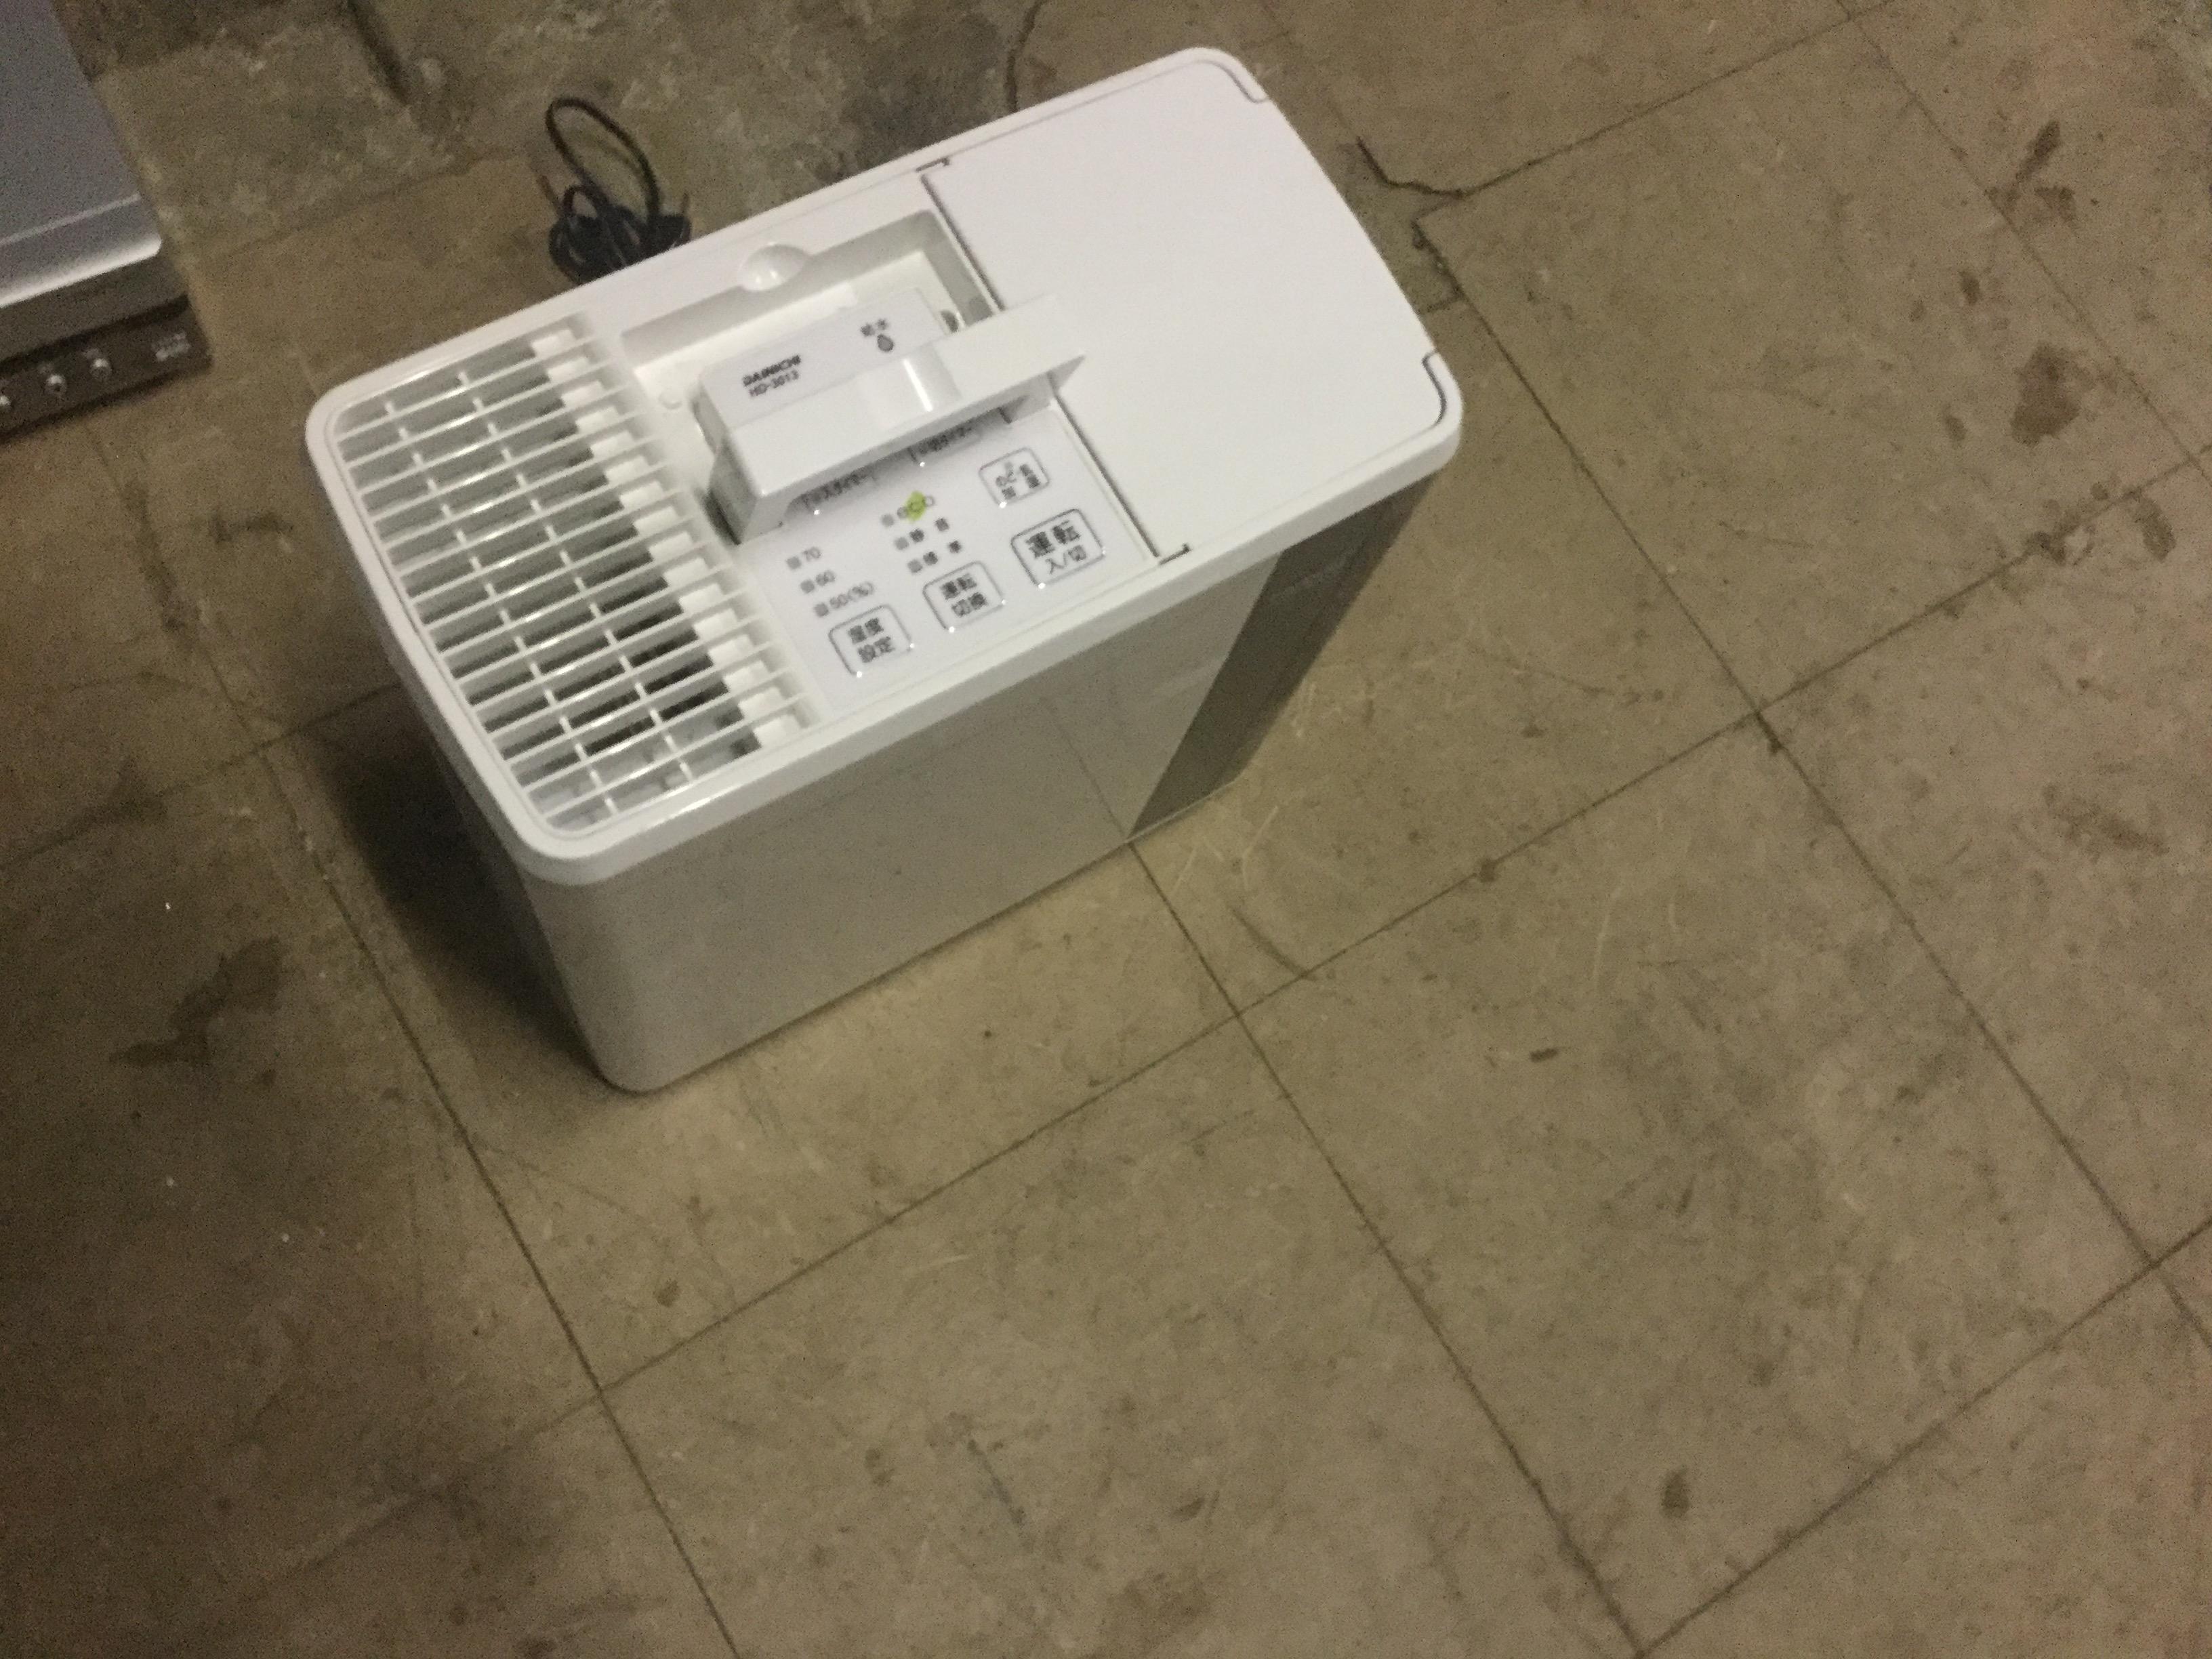 津山市で不用品の回収した空気清浄機